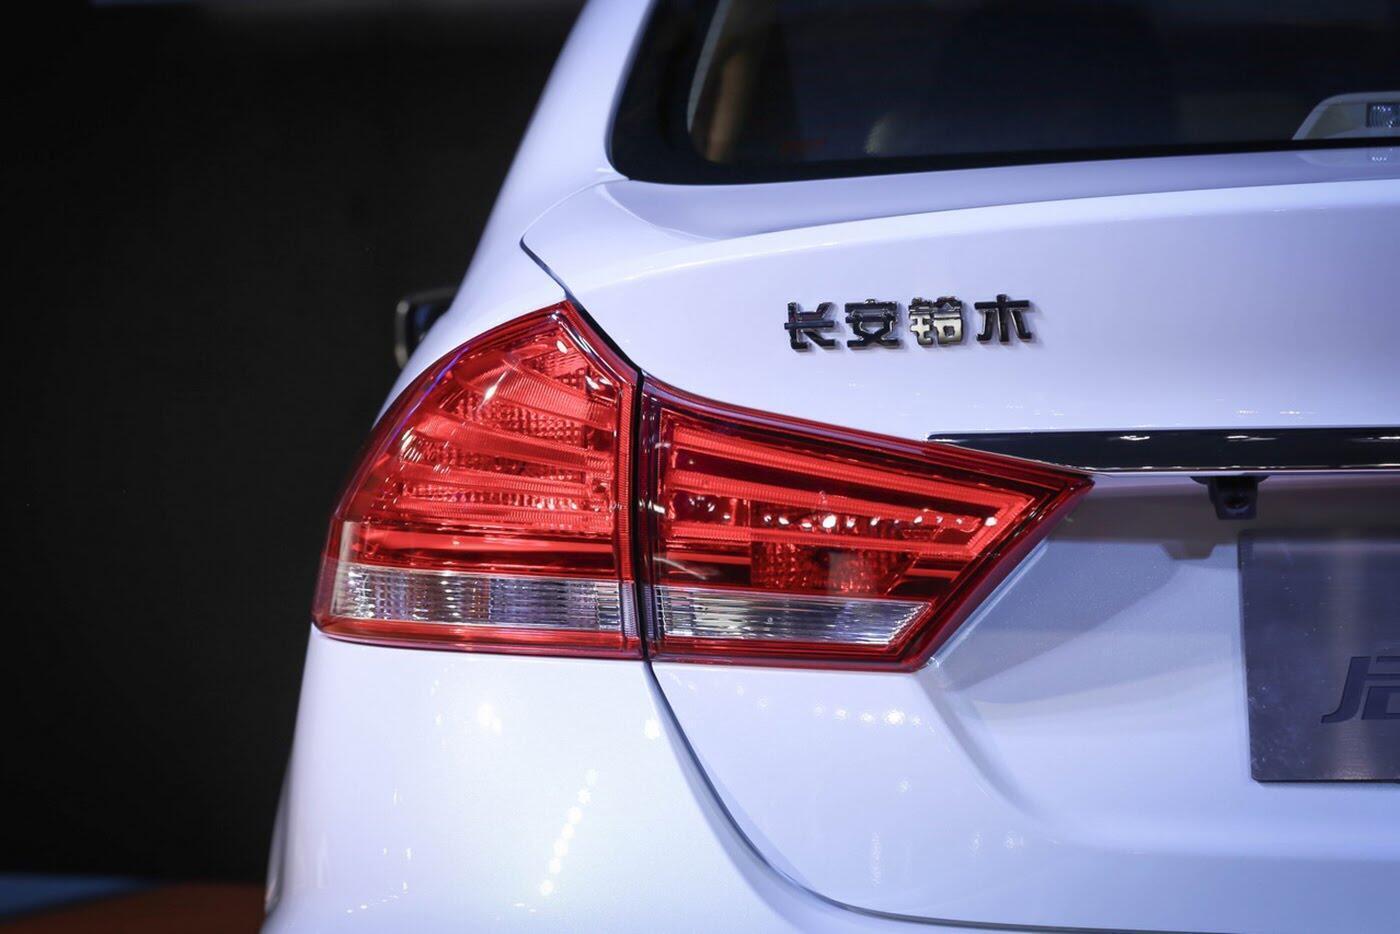 Suzuki Ciaz bản nâng cấp chính thức lộ diện - Hình 7